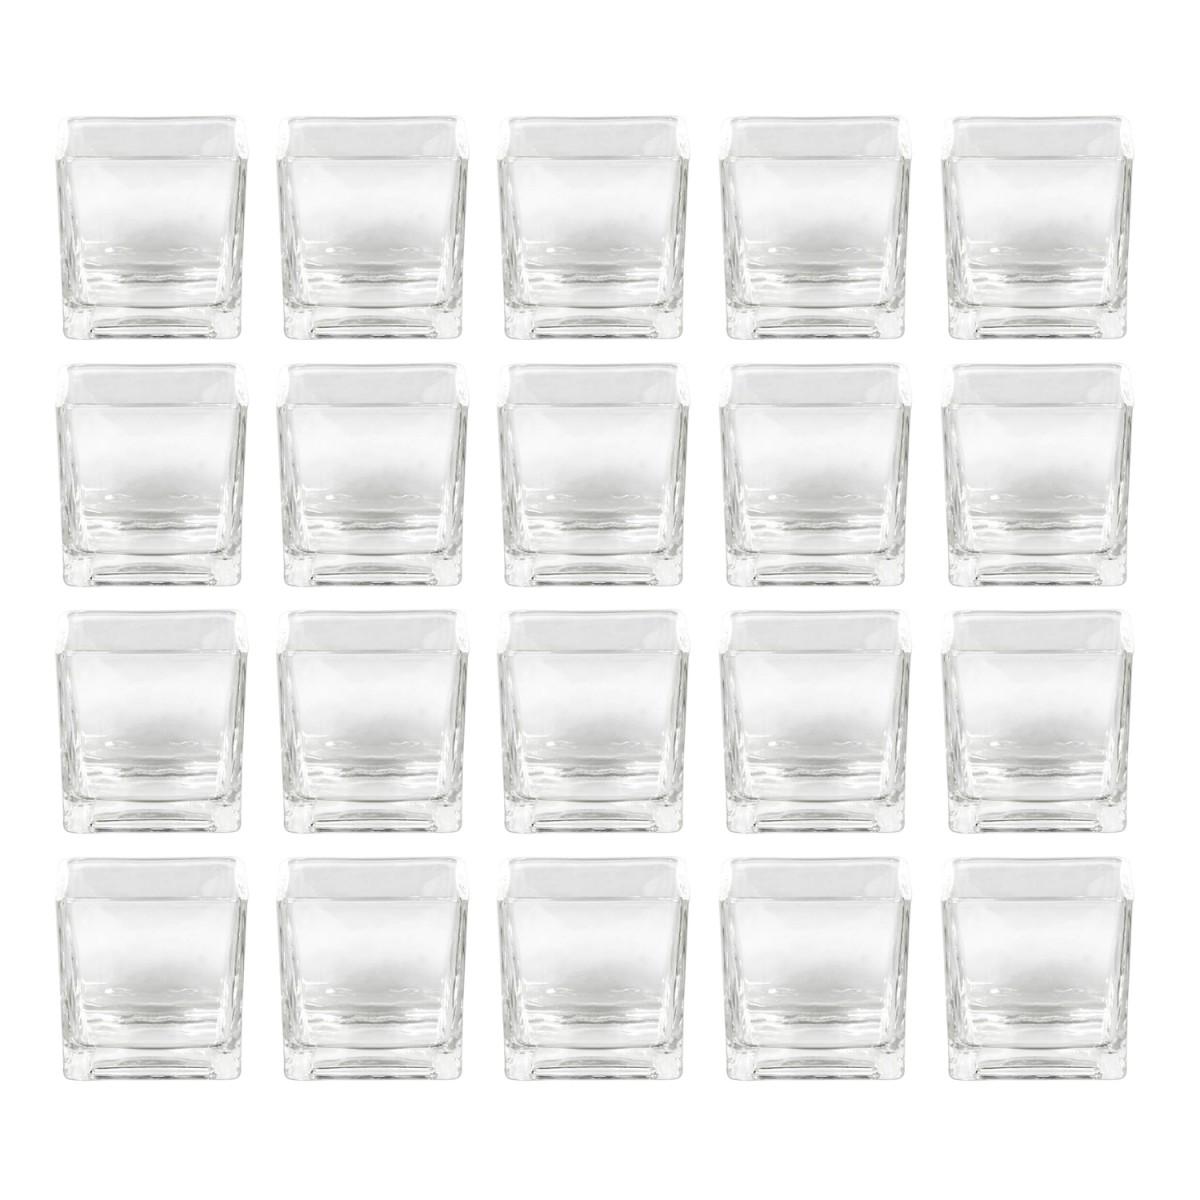 Sandra rich rf 75 75 cube vase windlicht cube w rfel for Glas beistelltische eckig